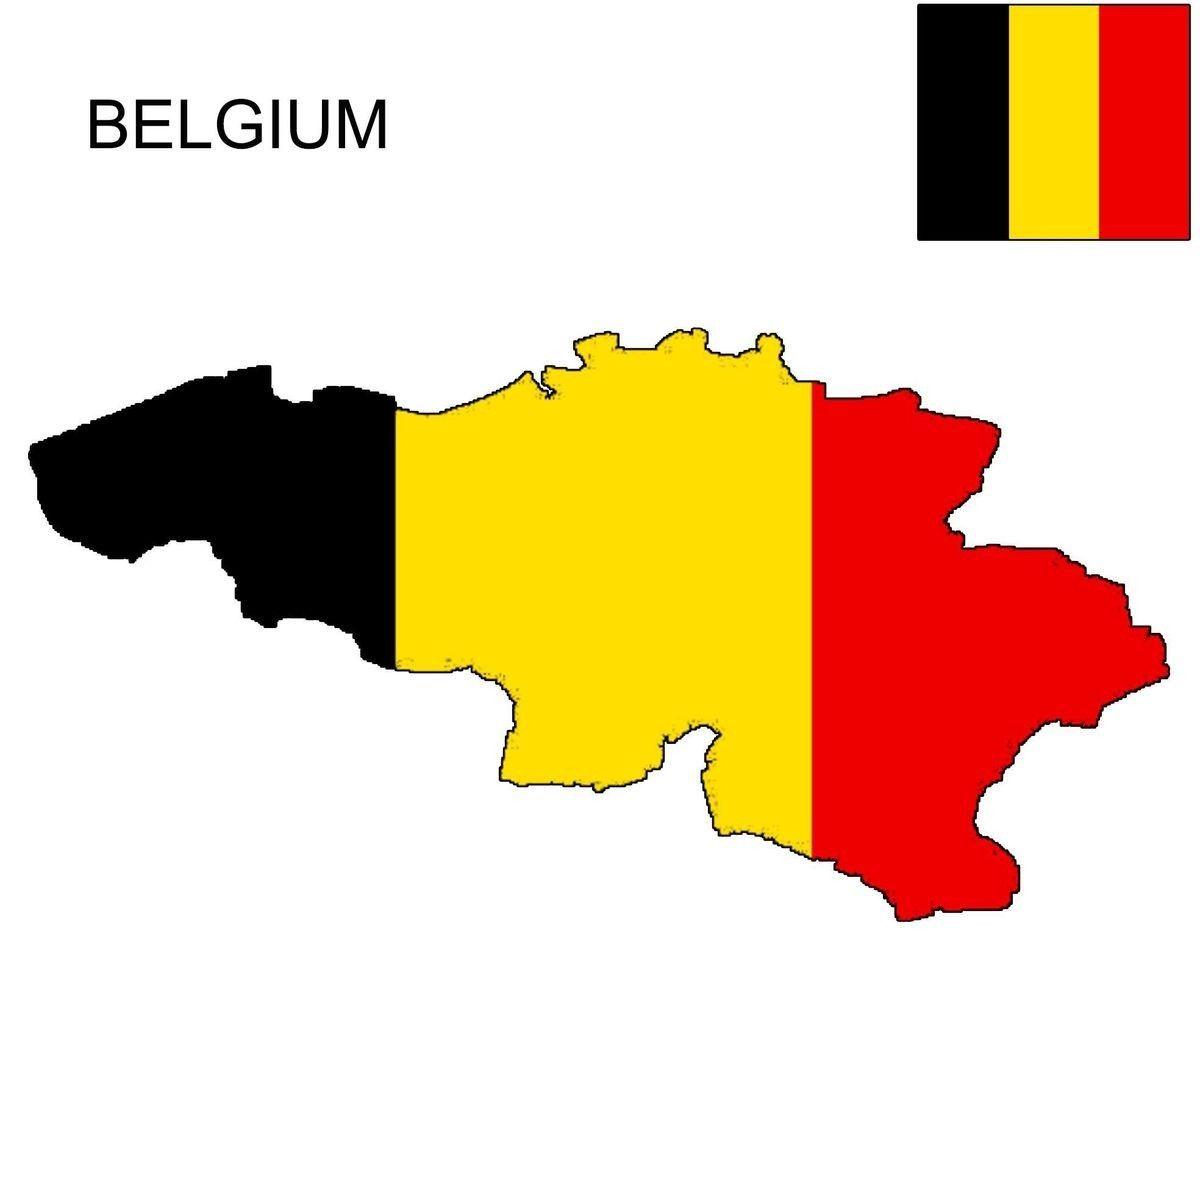 Belgium Map With Flag In 2020 Belgium Flag Belgium Map Flag